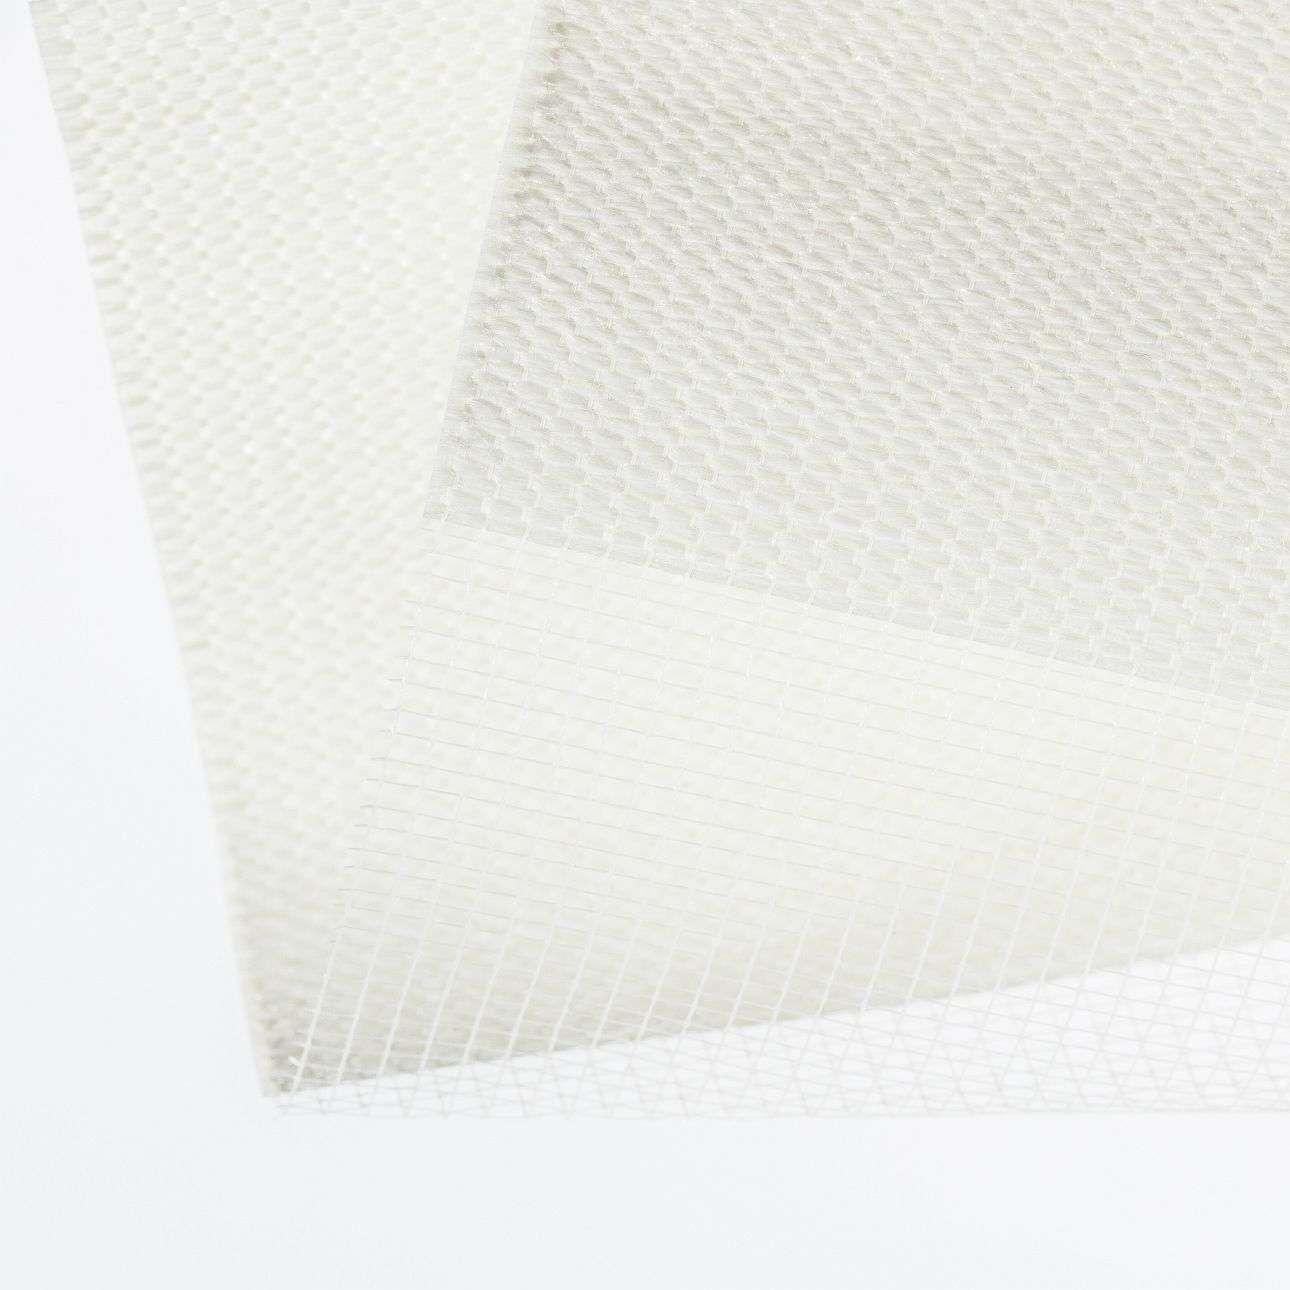 Lamel-rullegardiner - Mini 38x150cm fra kolleksjonen LamelRullegardin, Stoffets bredde: 0212